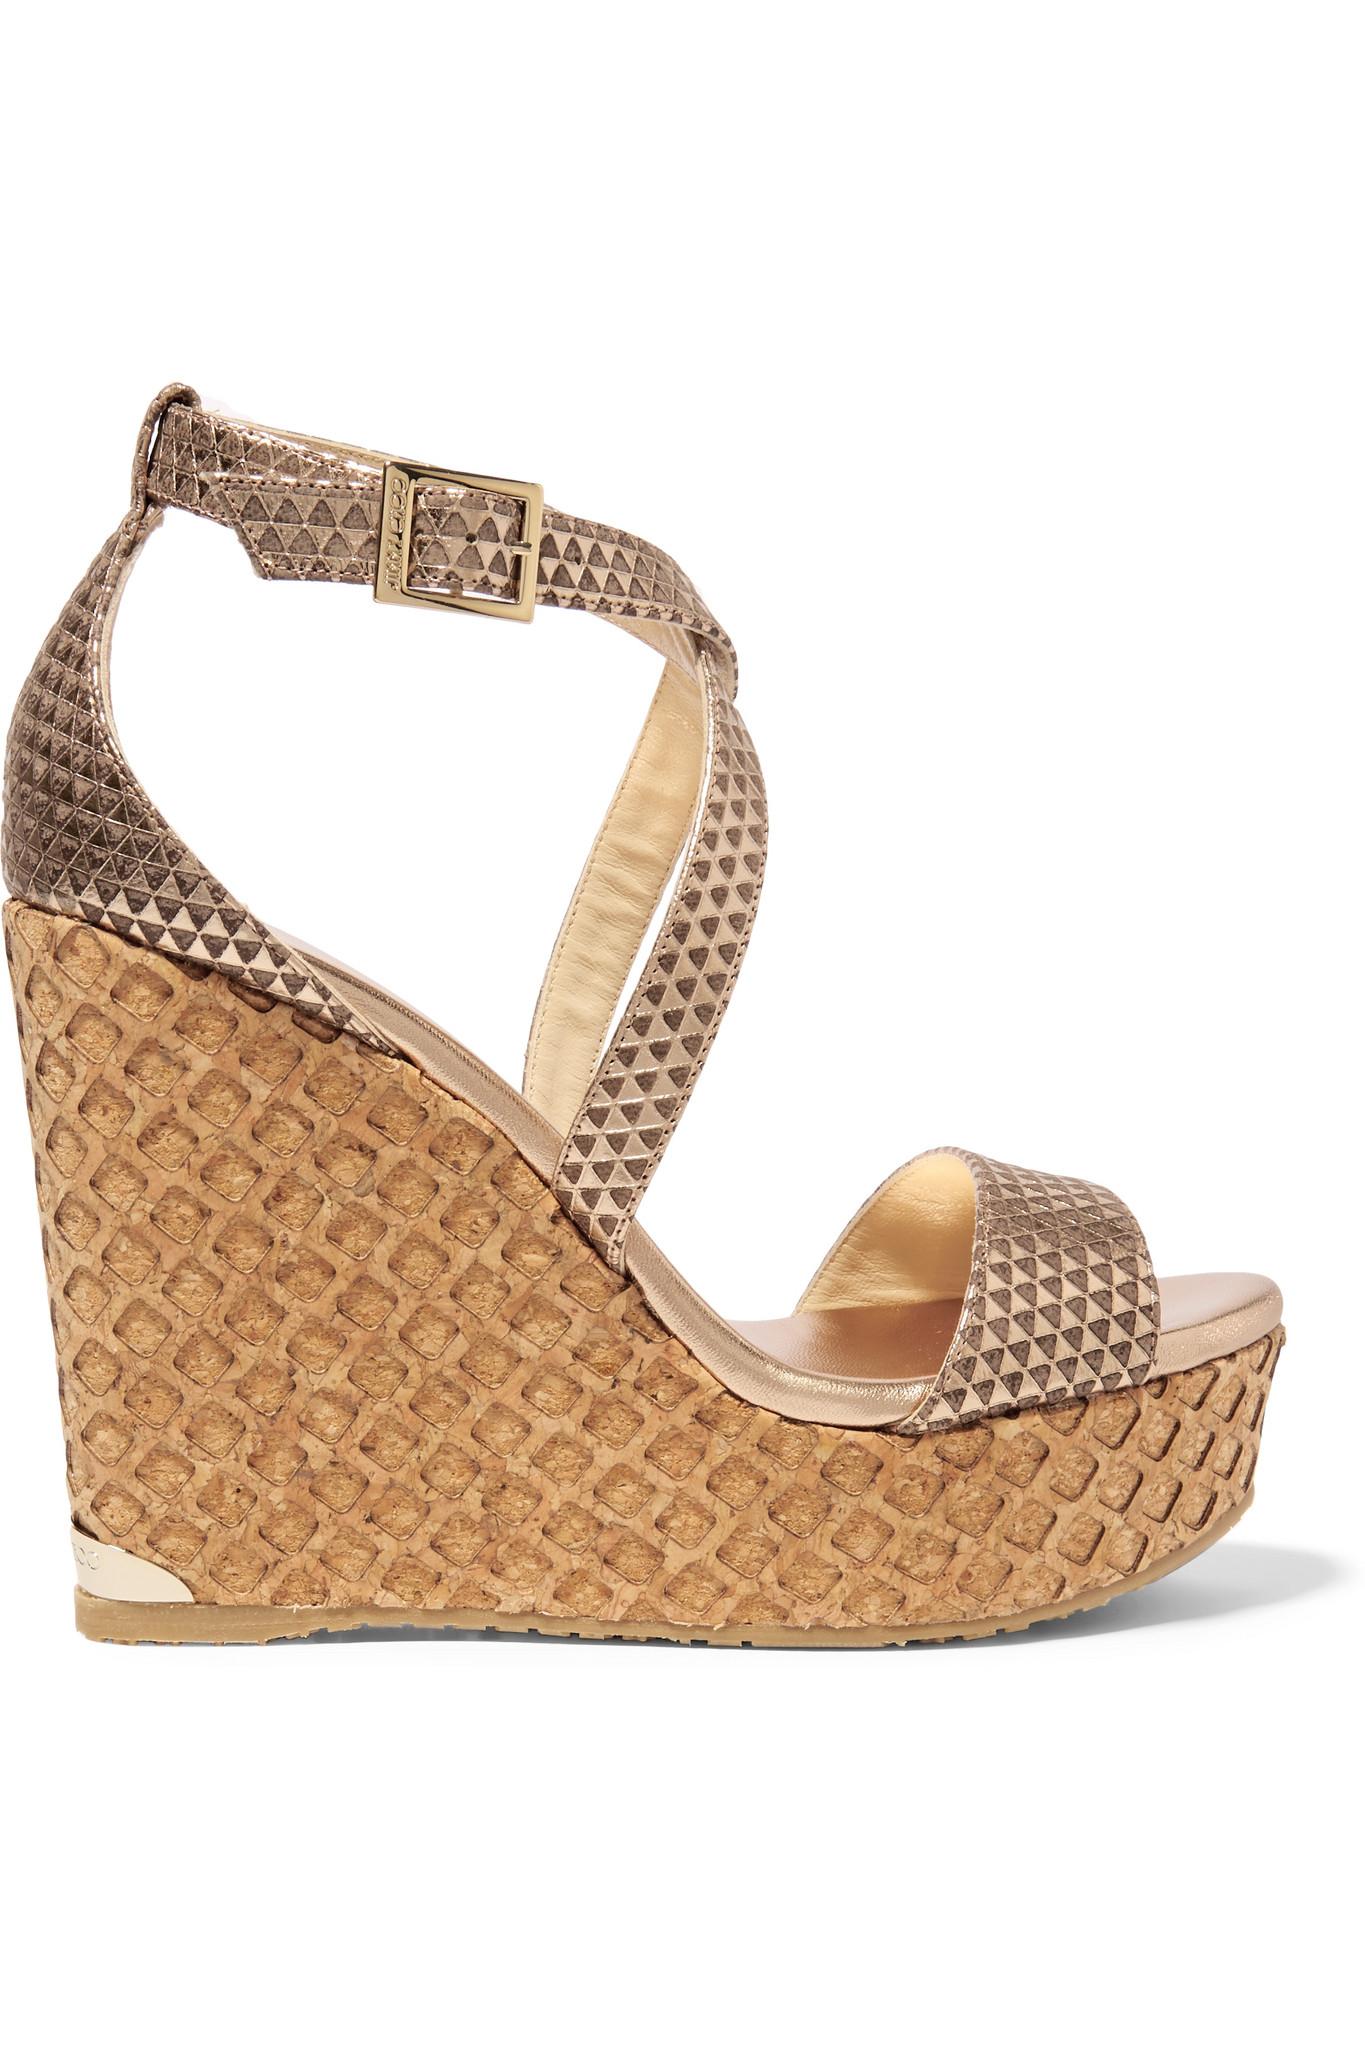 205b1e1dc29 where to buy jimmy choo london sandals 12db2 d4e1c